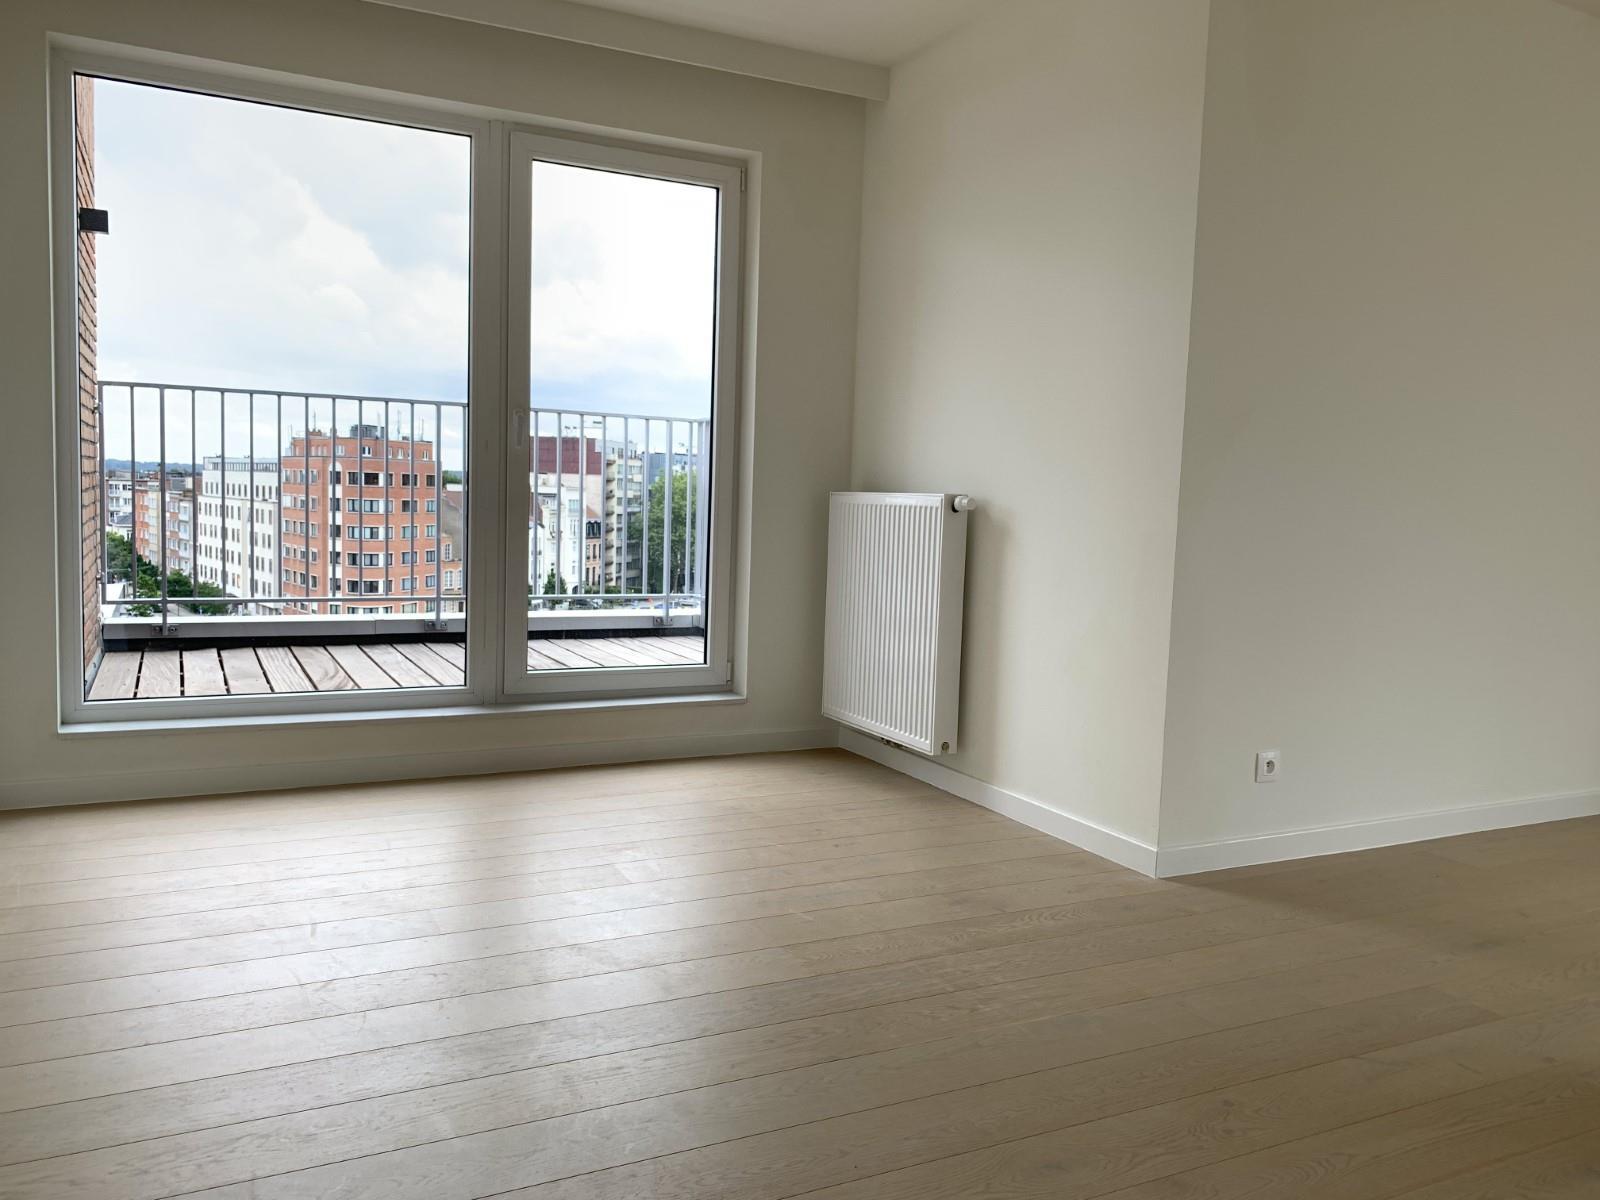 Uitzonderlijk appartement - Schaerbeek - #3964914-1